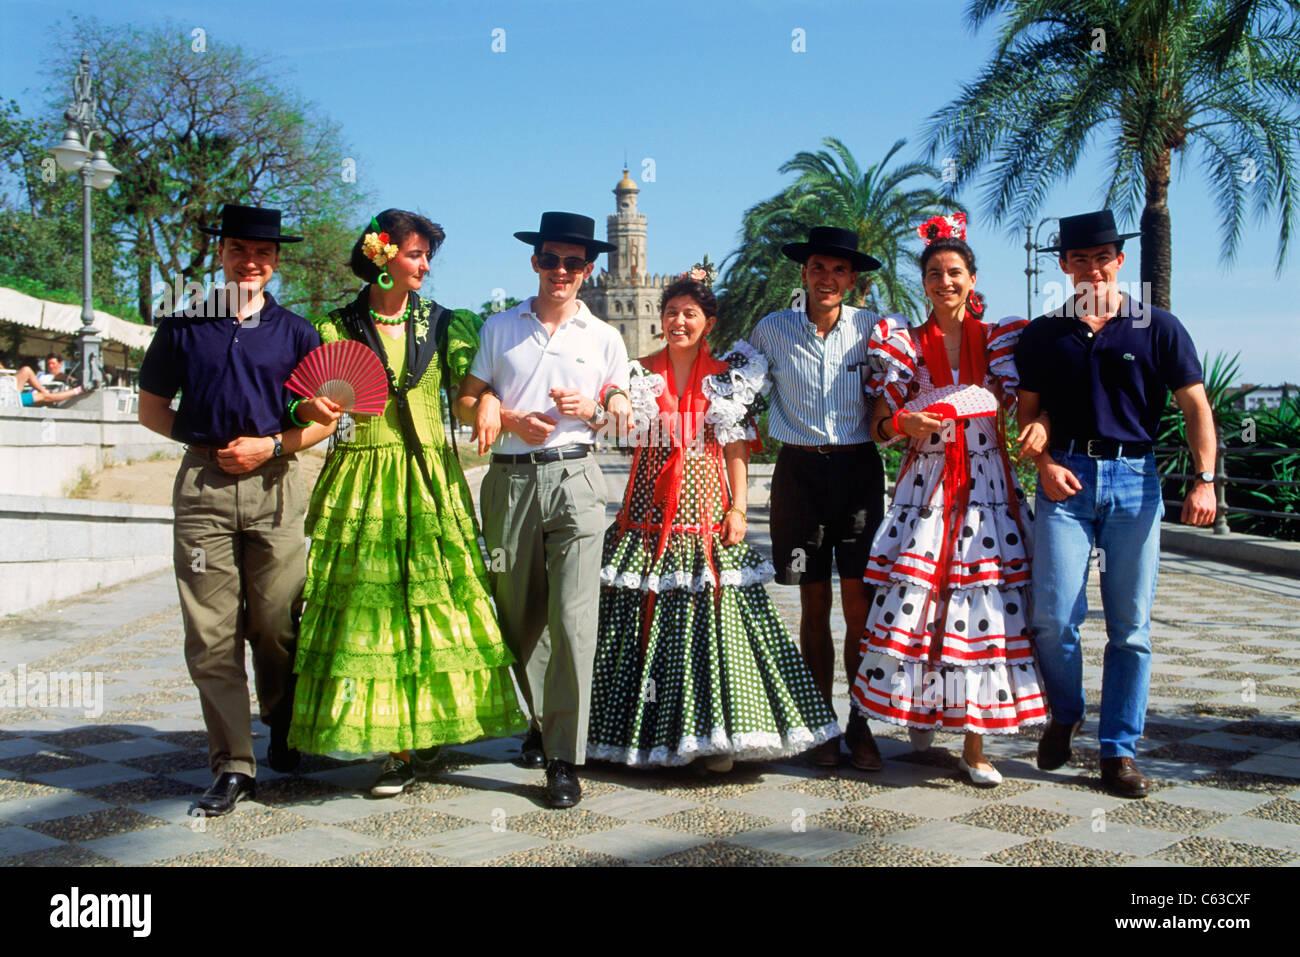 Mulheres De Reunião Seville-32317